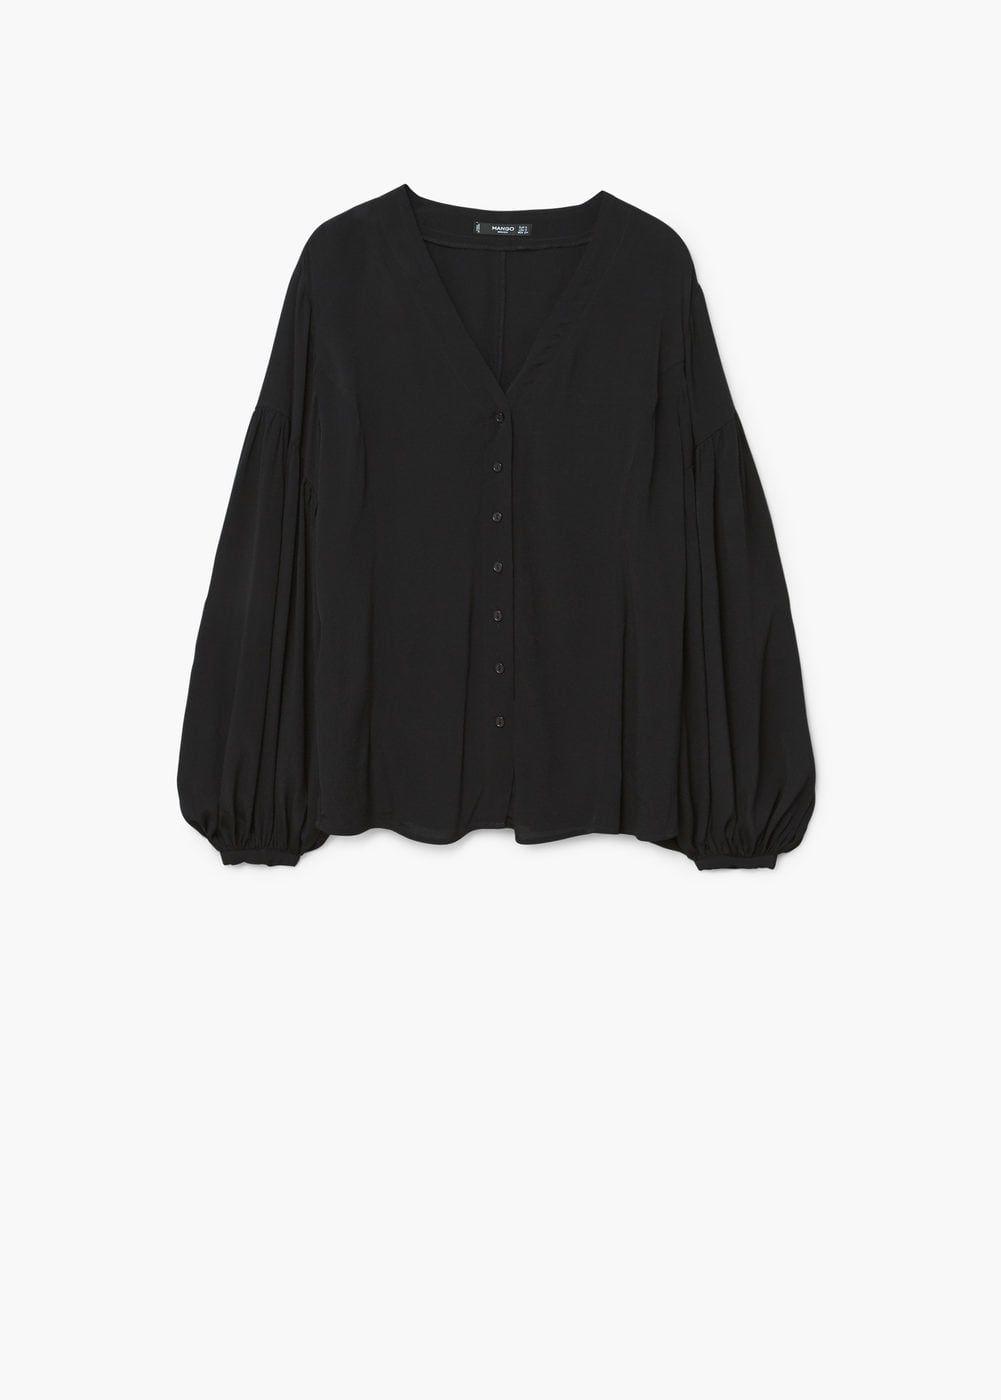 100% Qualität viele Stile billig zu verkaufen Bluse mit ballonärmel - Damen | M A N G O | Hemdblusen ...